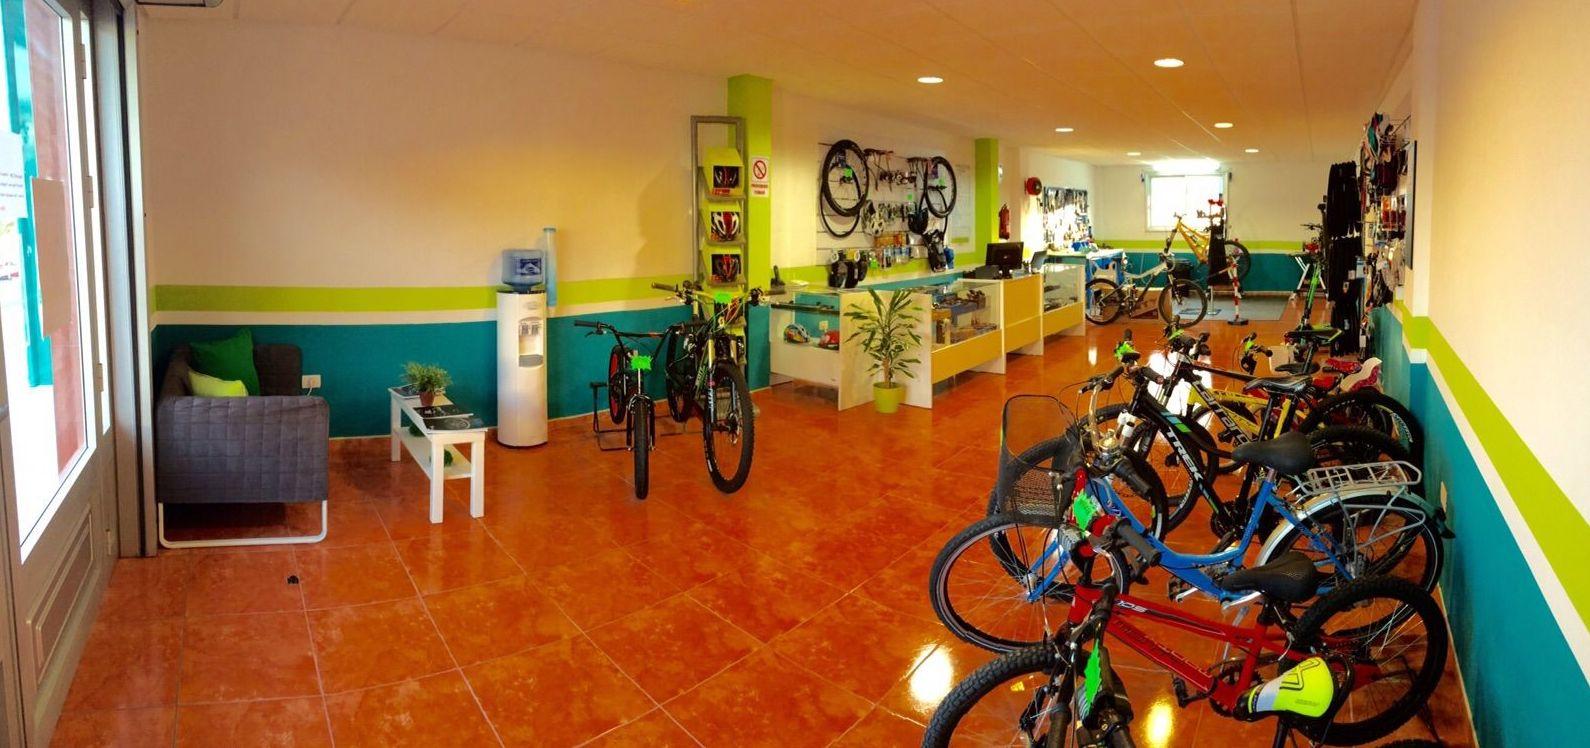 Tienda de bicicletas en Tenerife